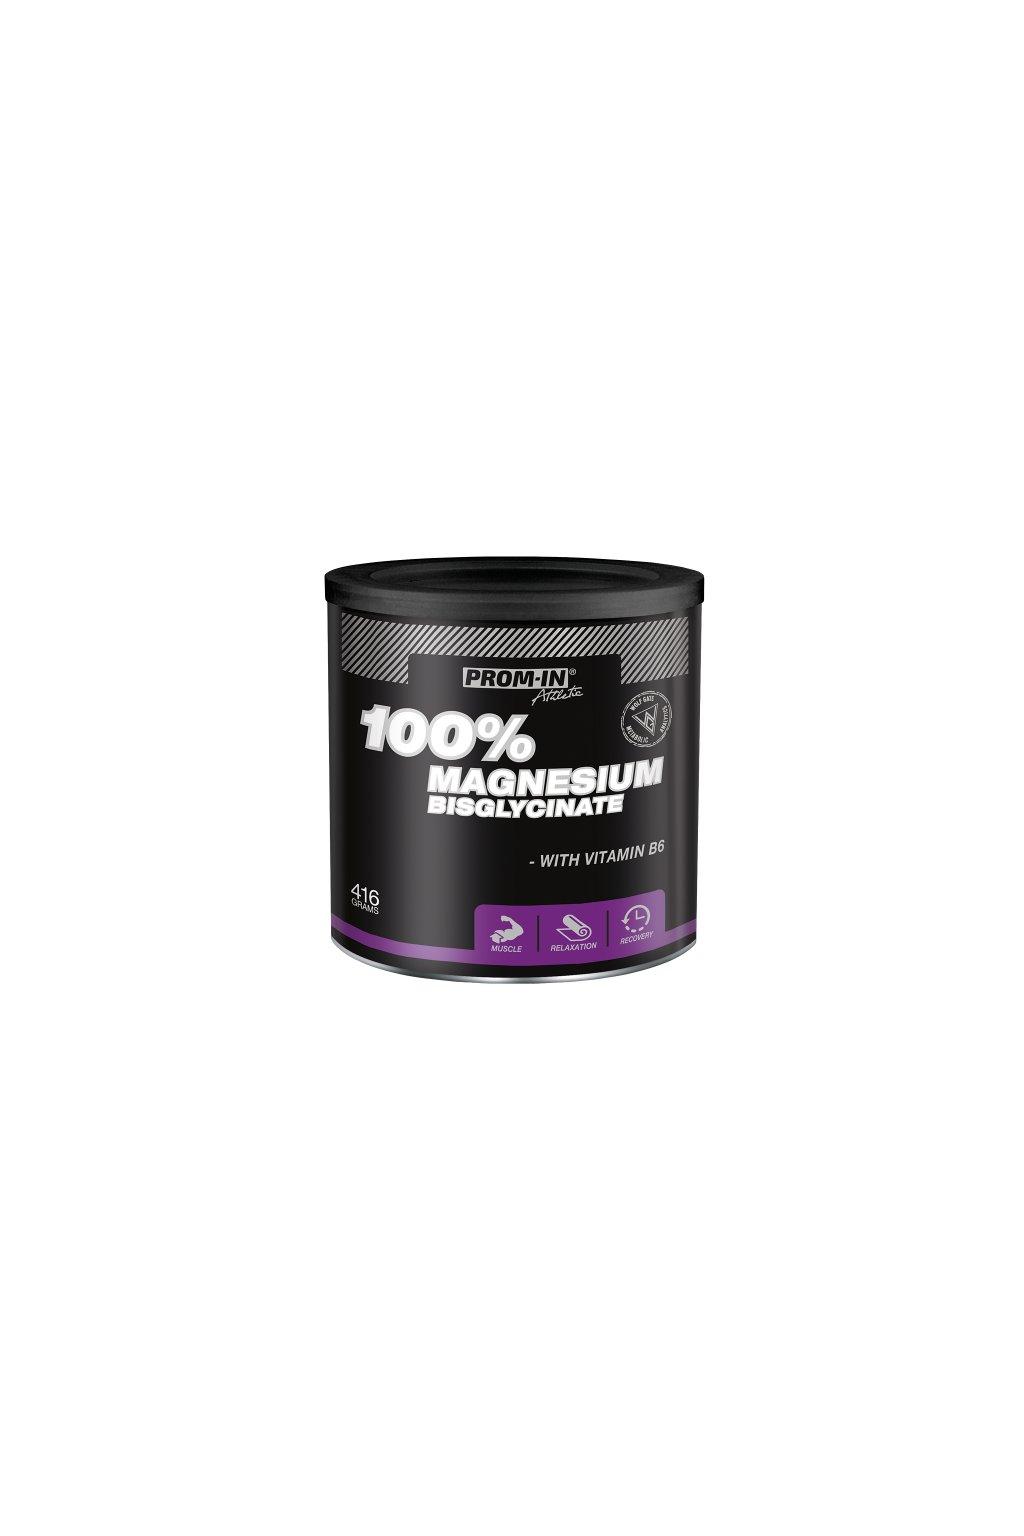 MAGNESIUM BISGLYCINATE 100%  (dóza 416 g)